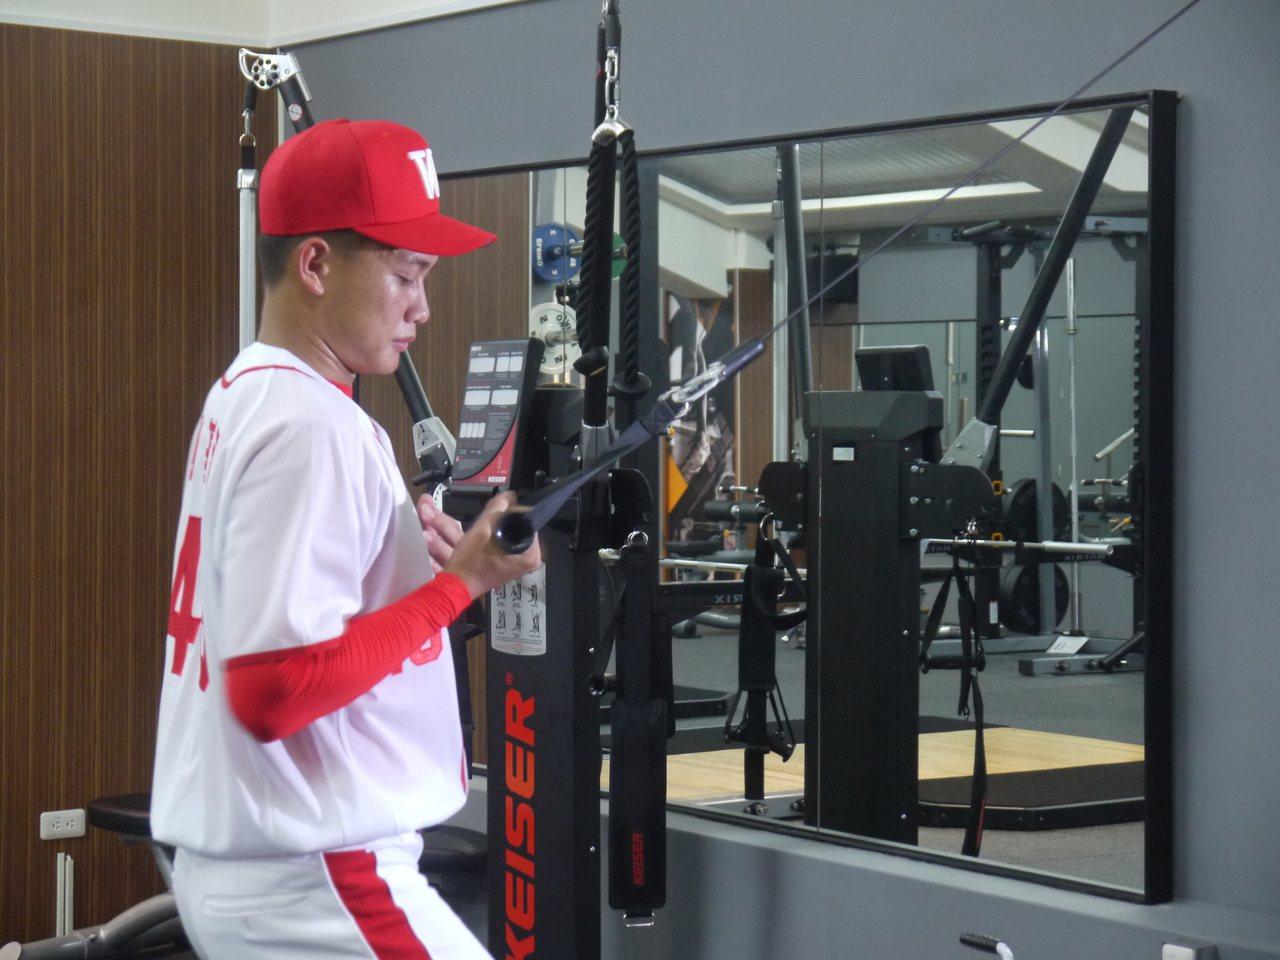 劉基鴻做重量訓練。記者吳敏欣/攝影